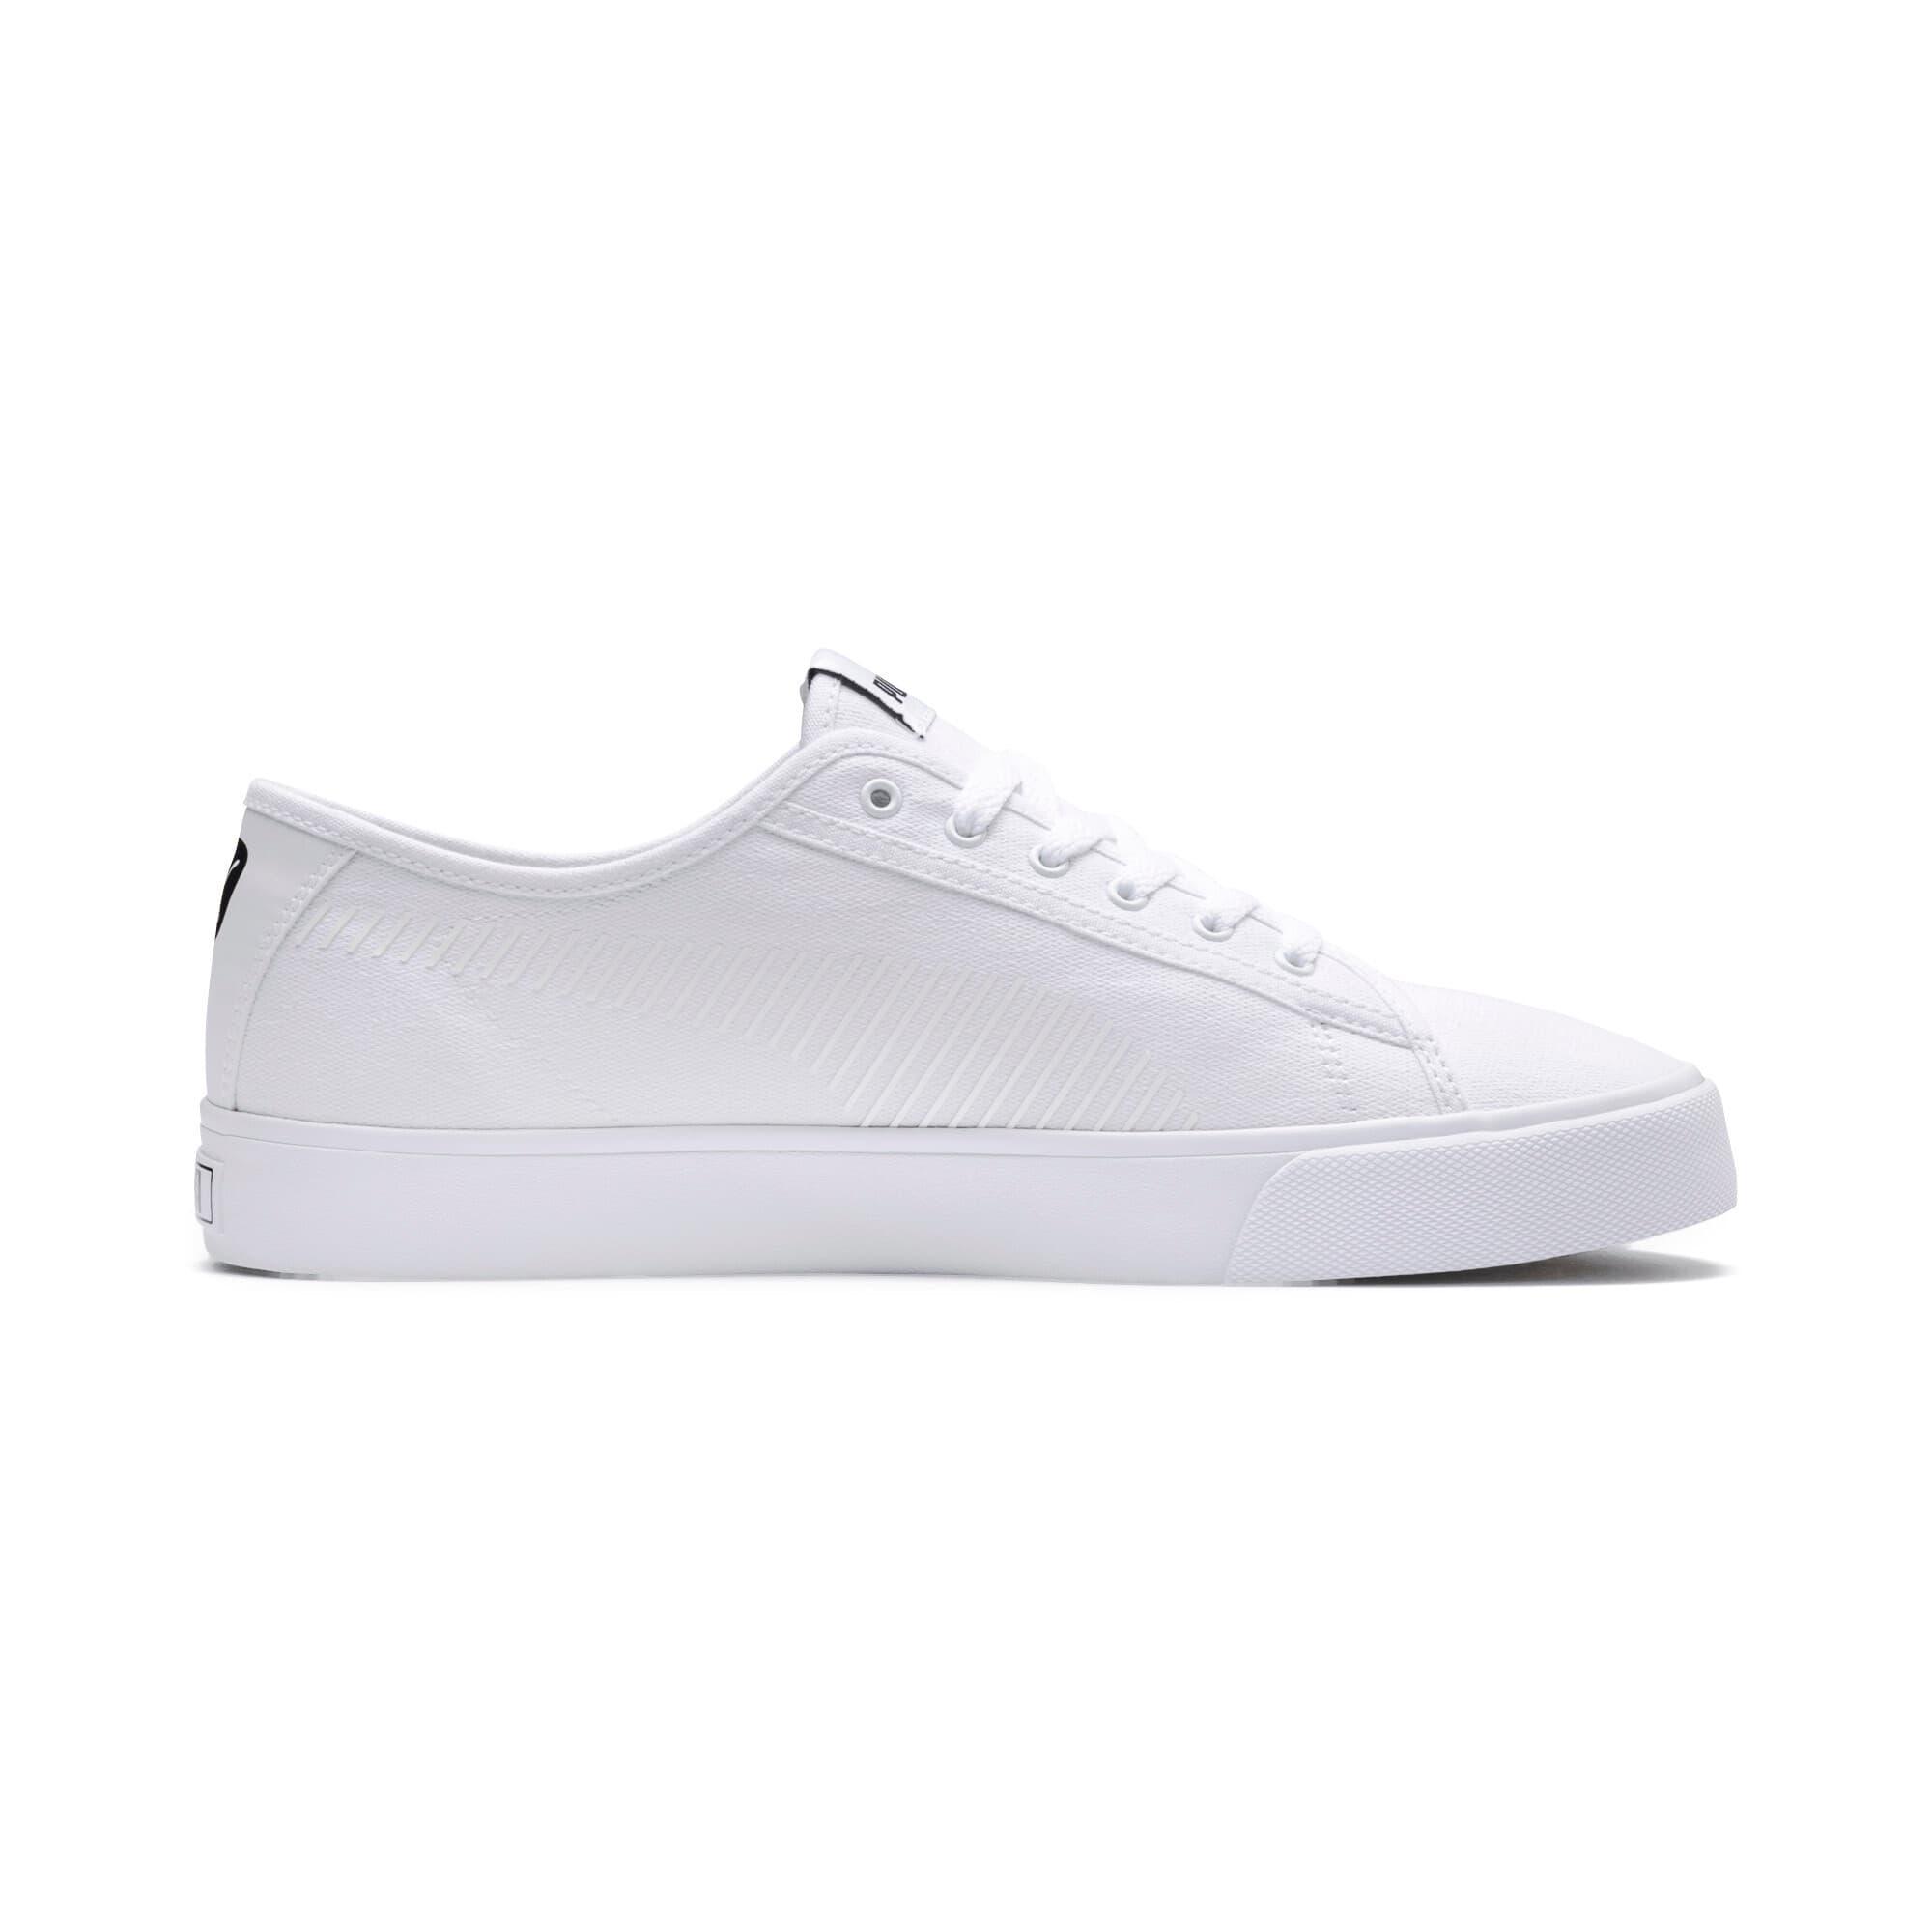 Thumbnail 5 of Bari Sneakers, Puma White-Puma White, medium